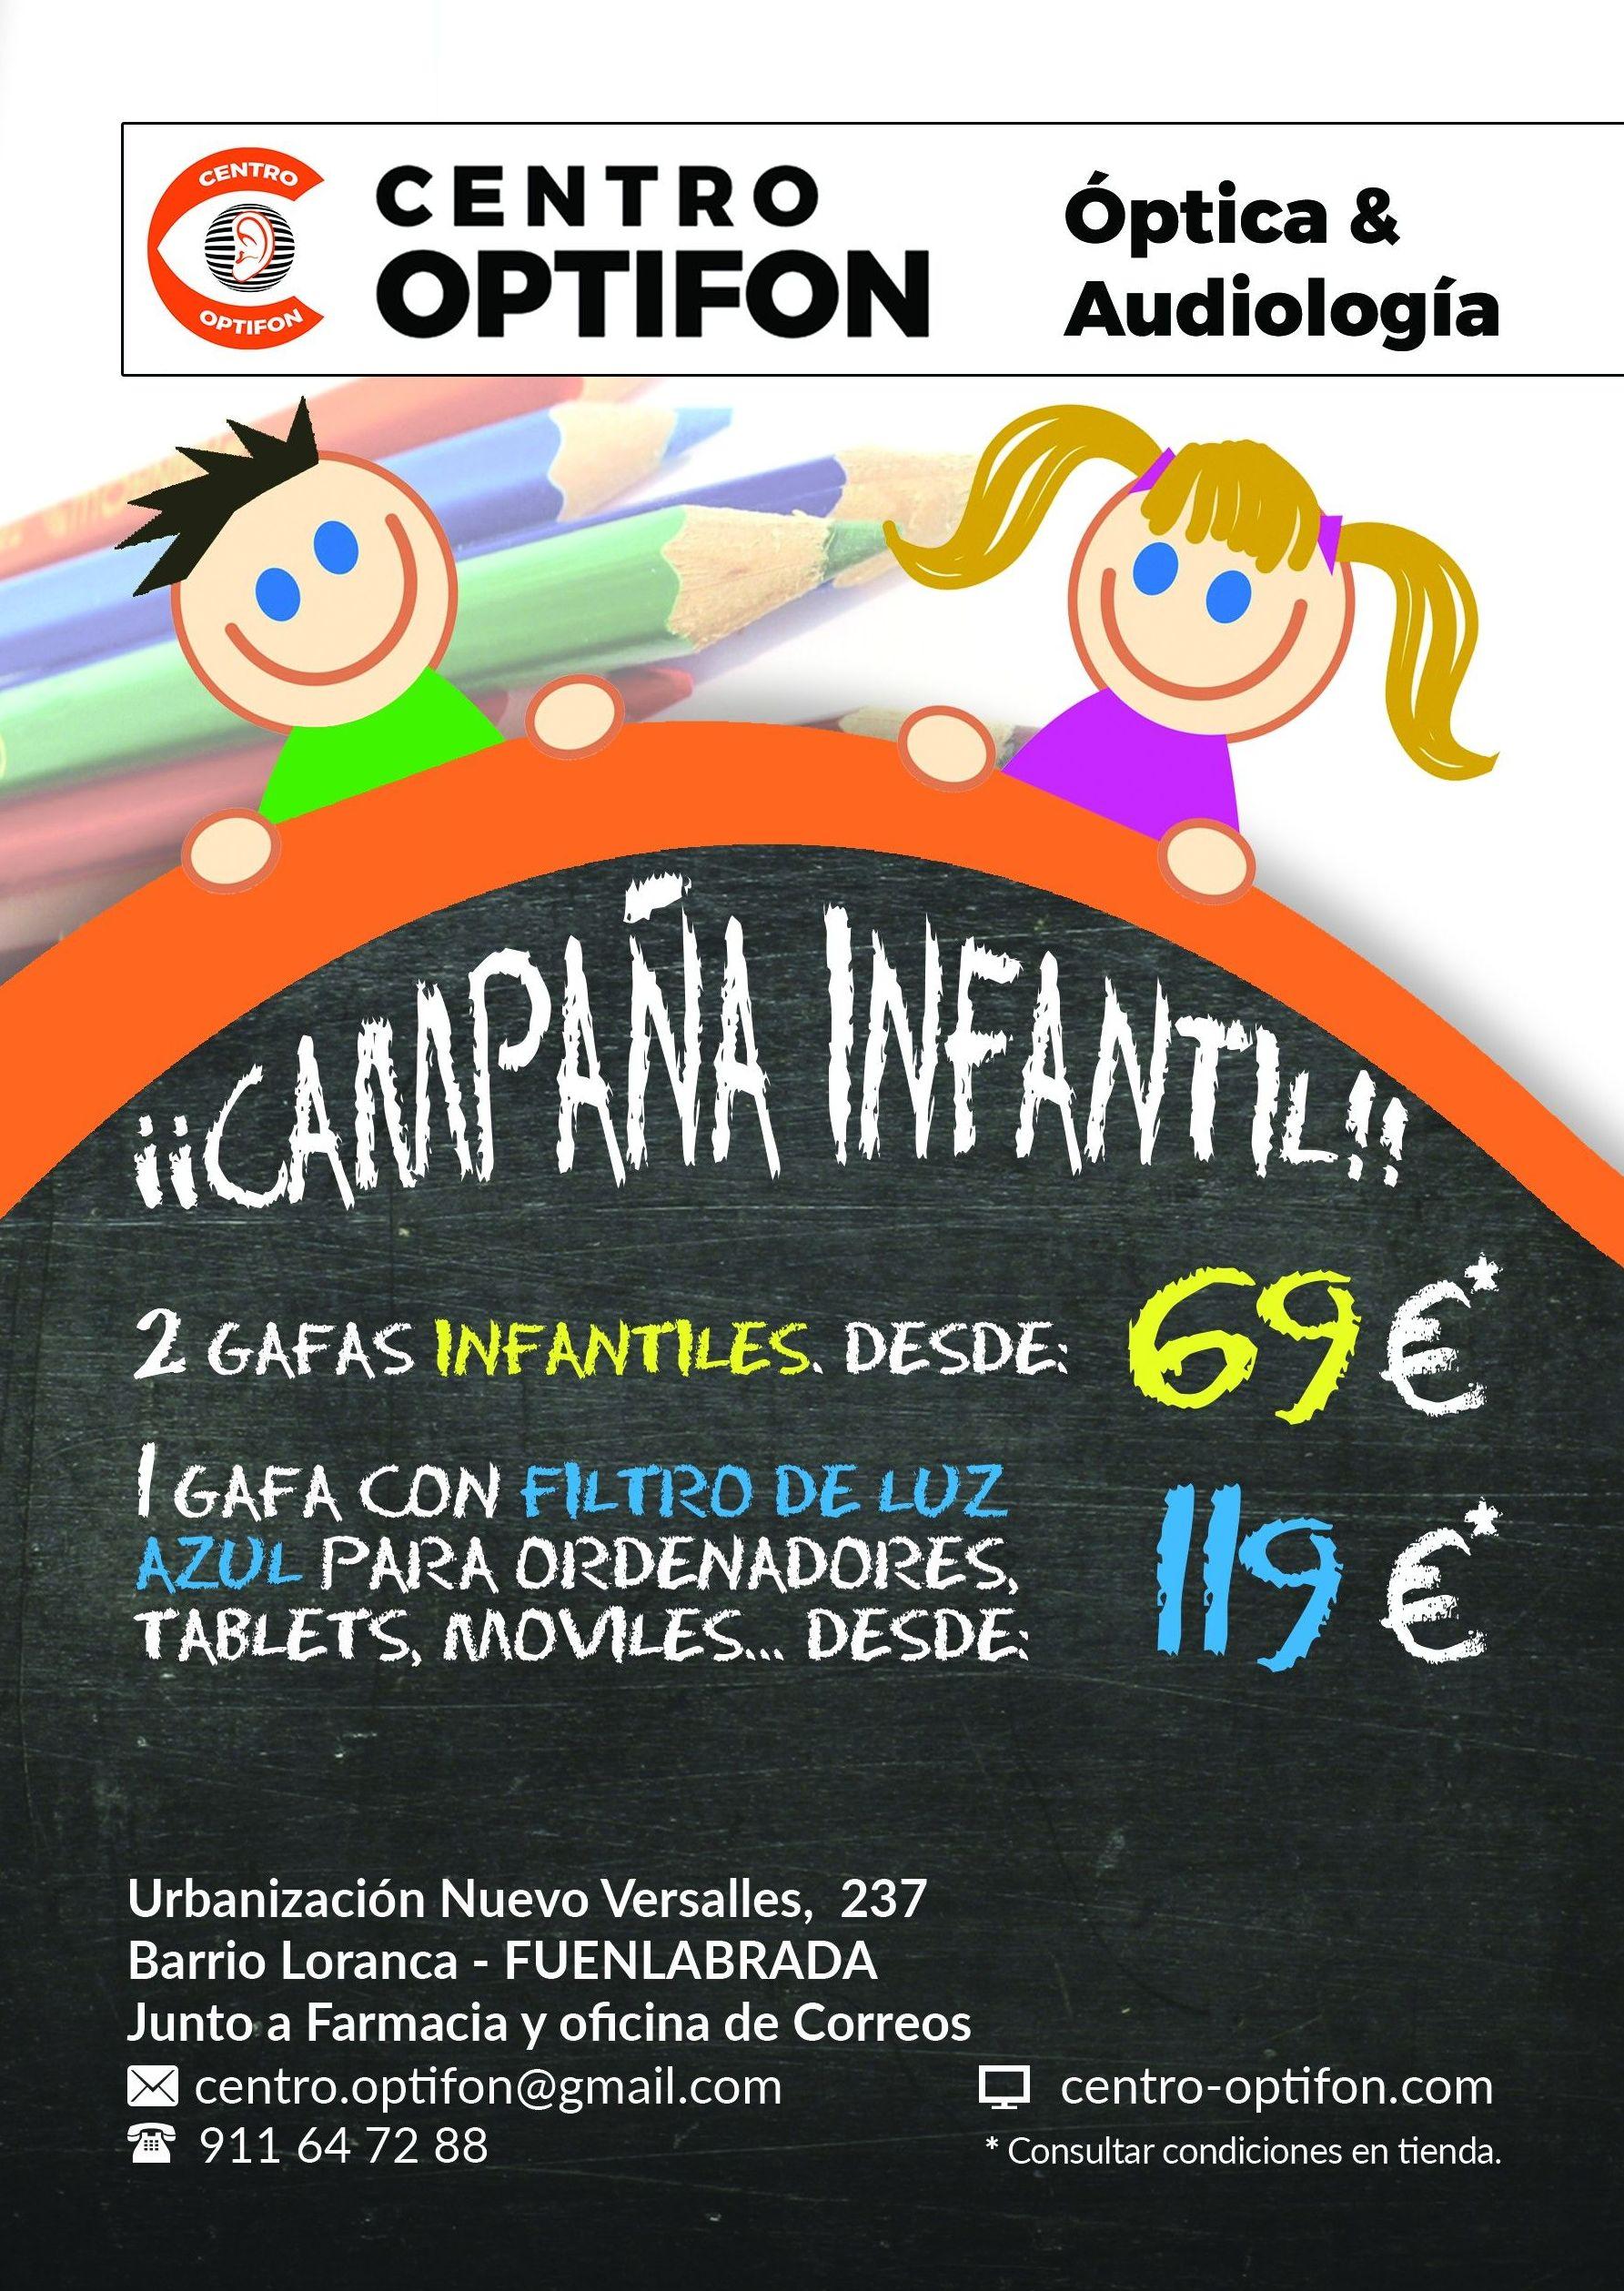 Campaña Infantil: Óptica y audiología de CENTRO OPTIFON (Óptica & Audiología)